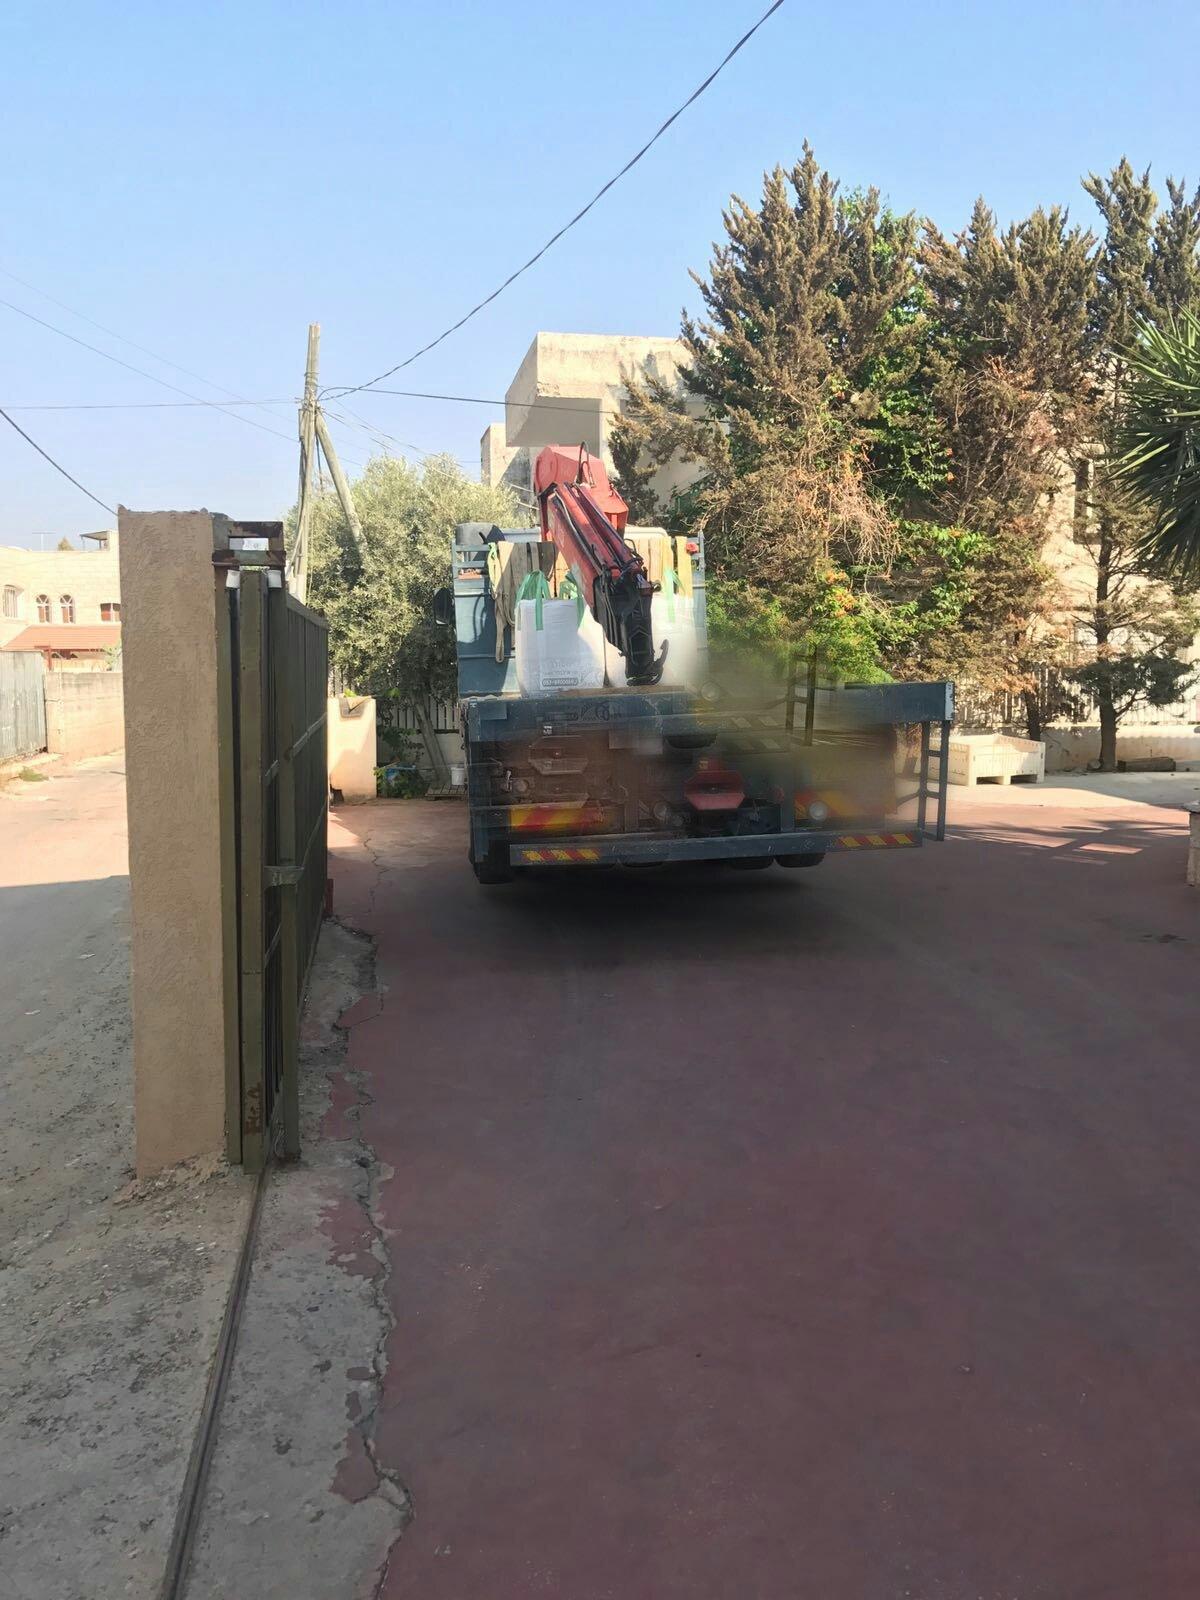 الطيرة: اعتقال قاصر يقود شاحنة رافعة دون حيازته رخصة قيادة